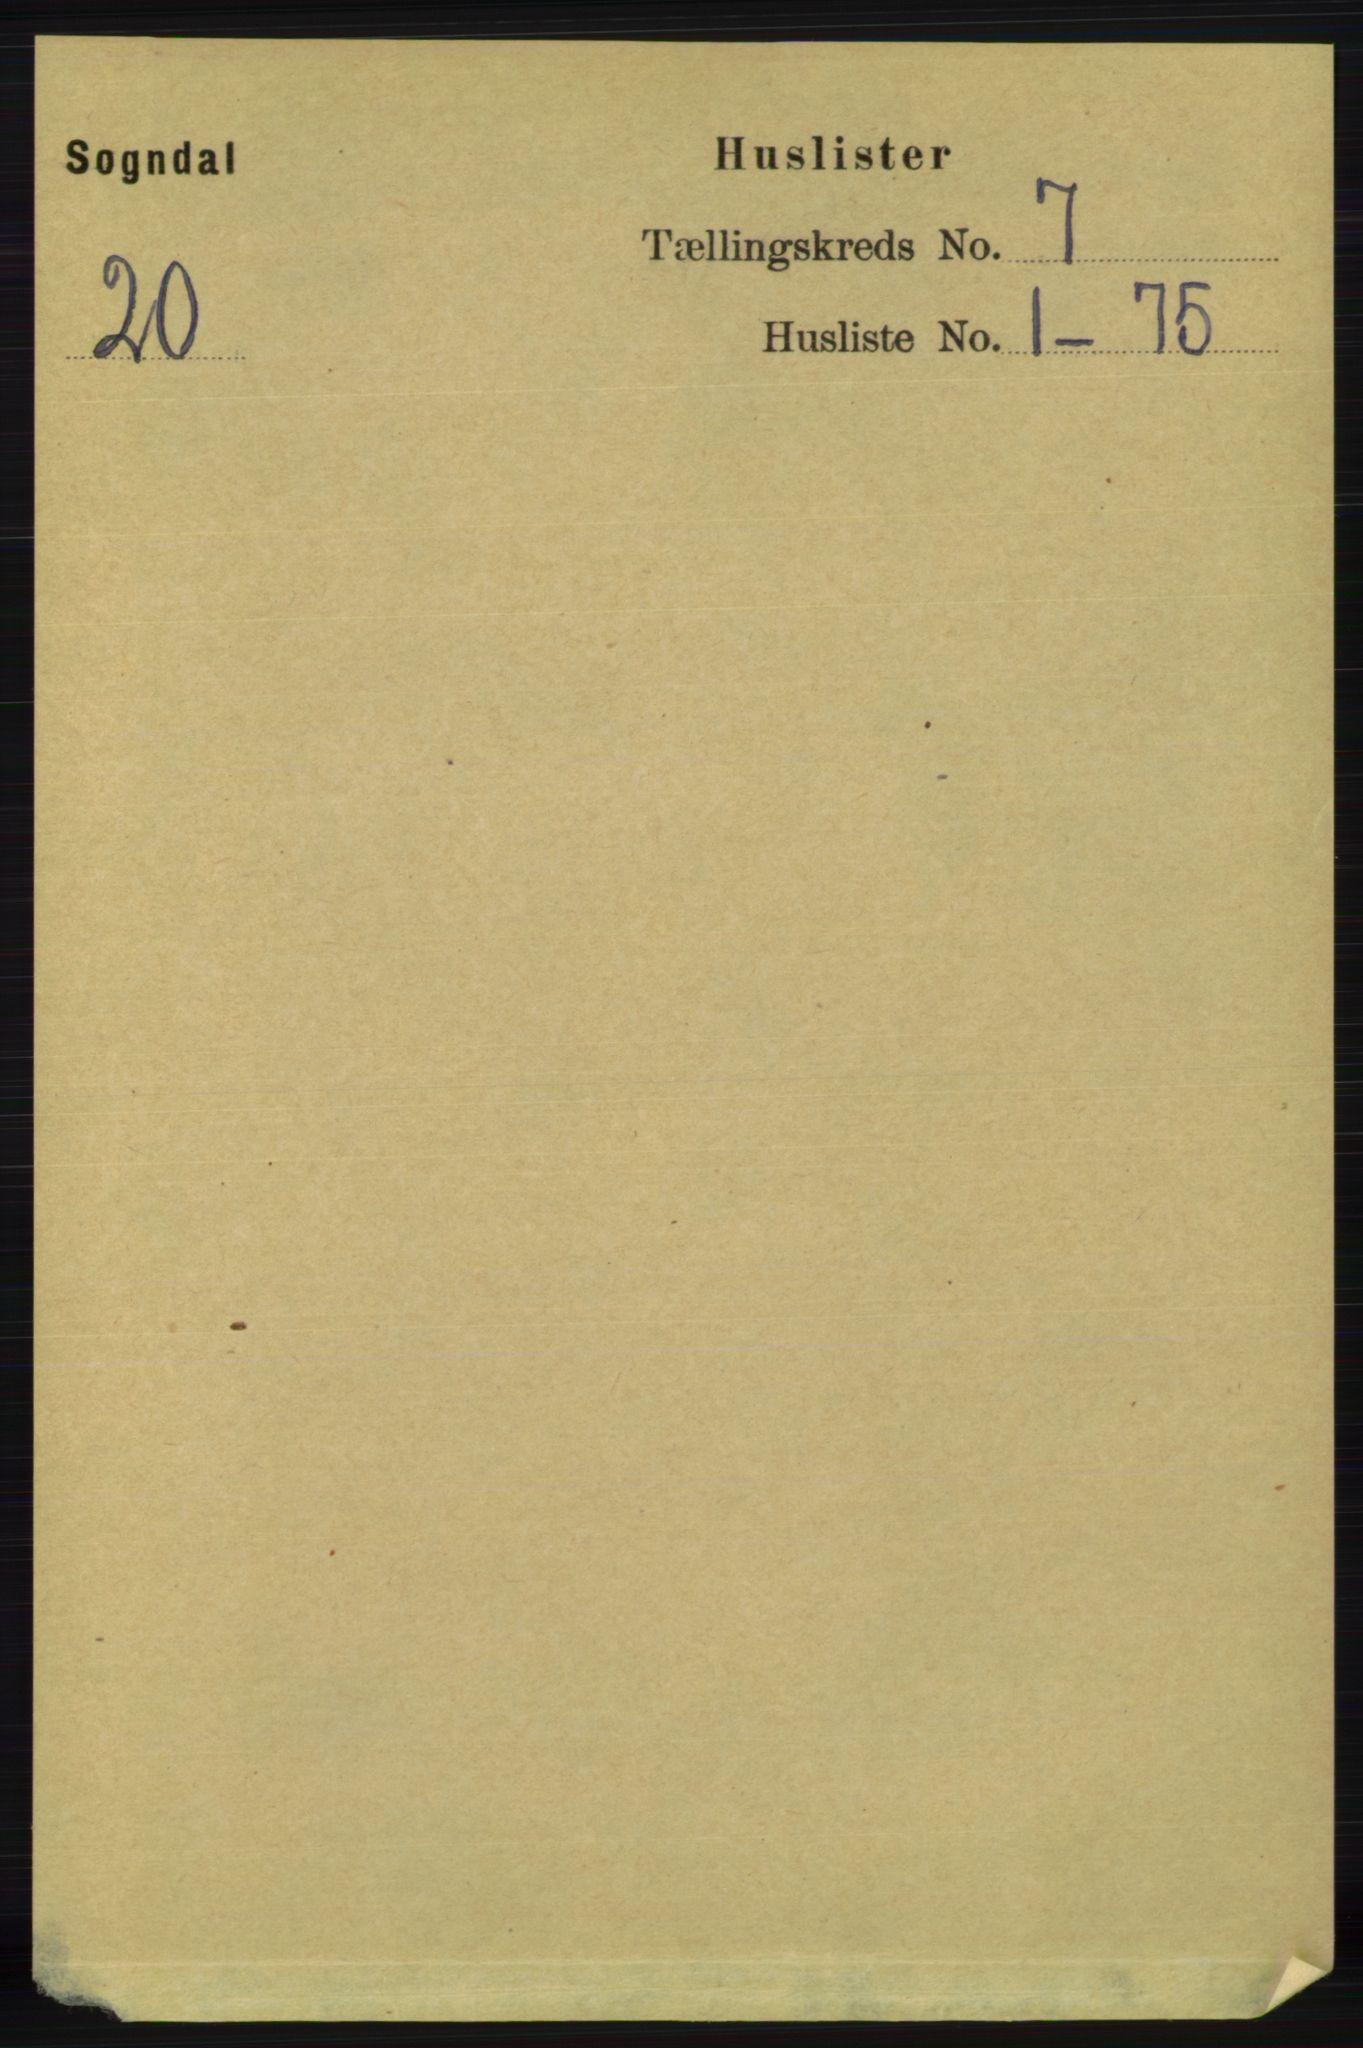 RA, Folketelling 1891 for 1111 Sokndal herred, 1891, s. 2026